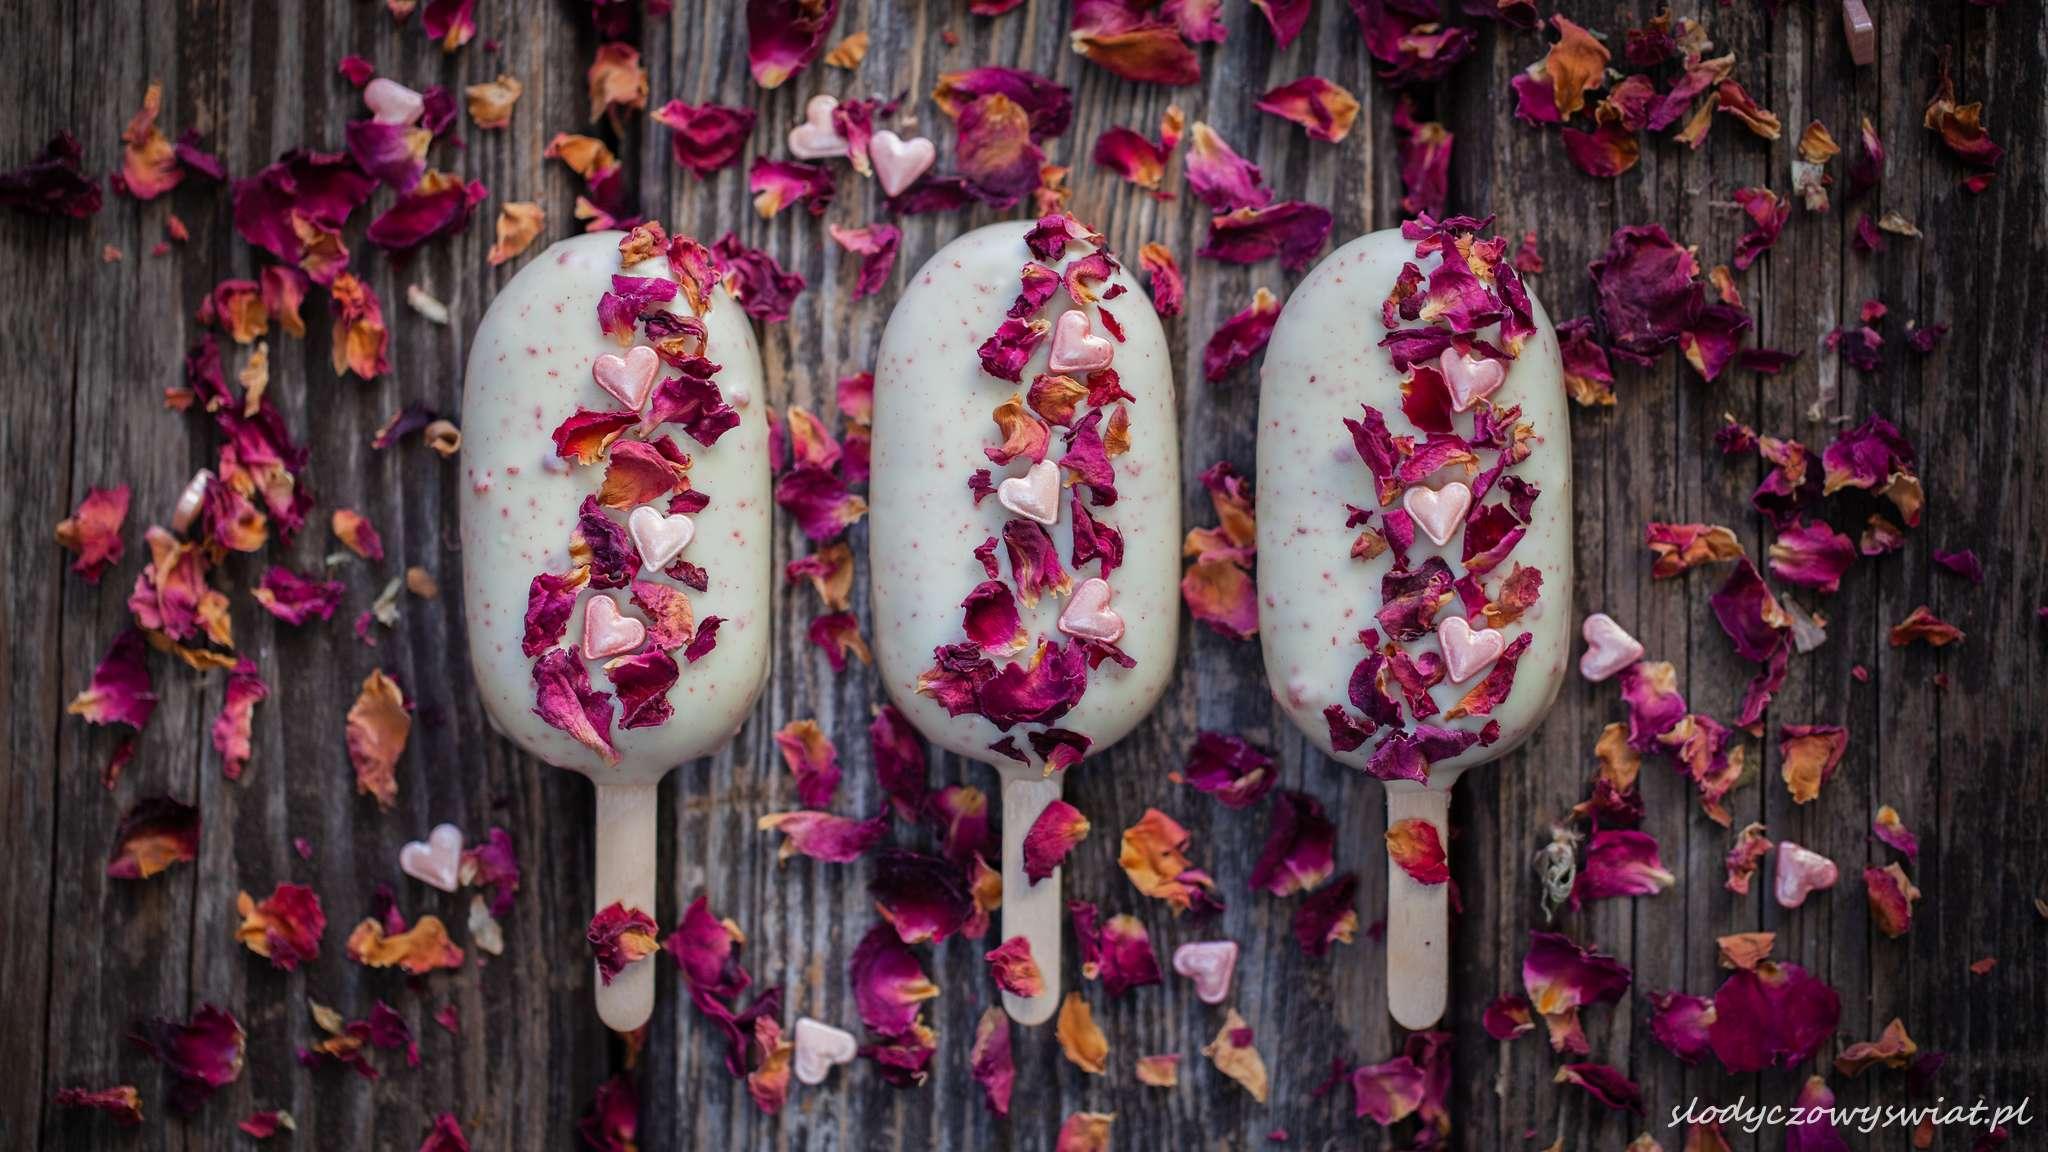 Truskawkowe cakesicles z płatkami róż